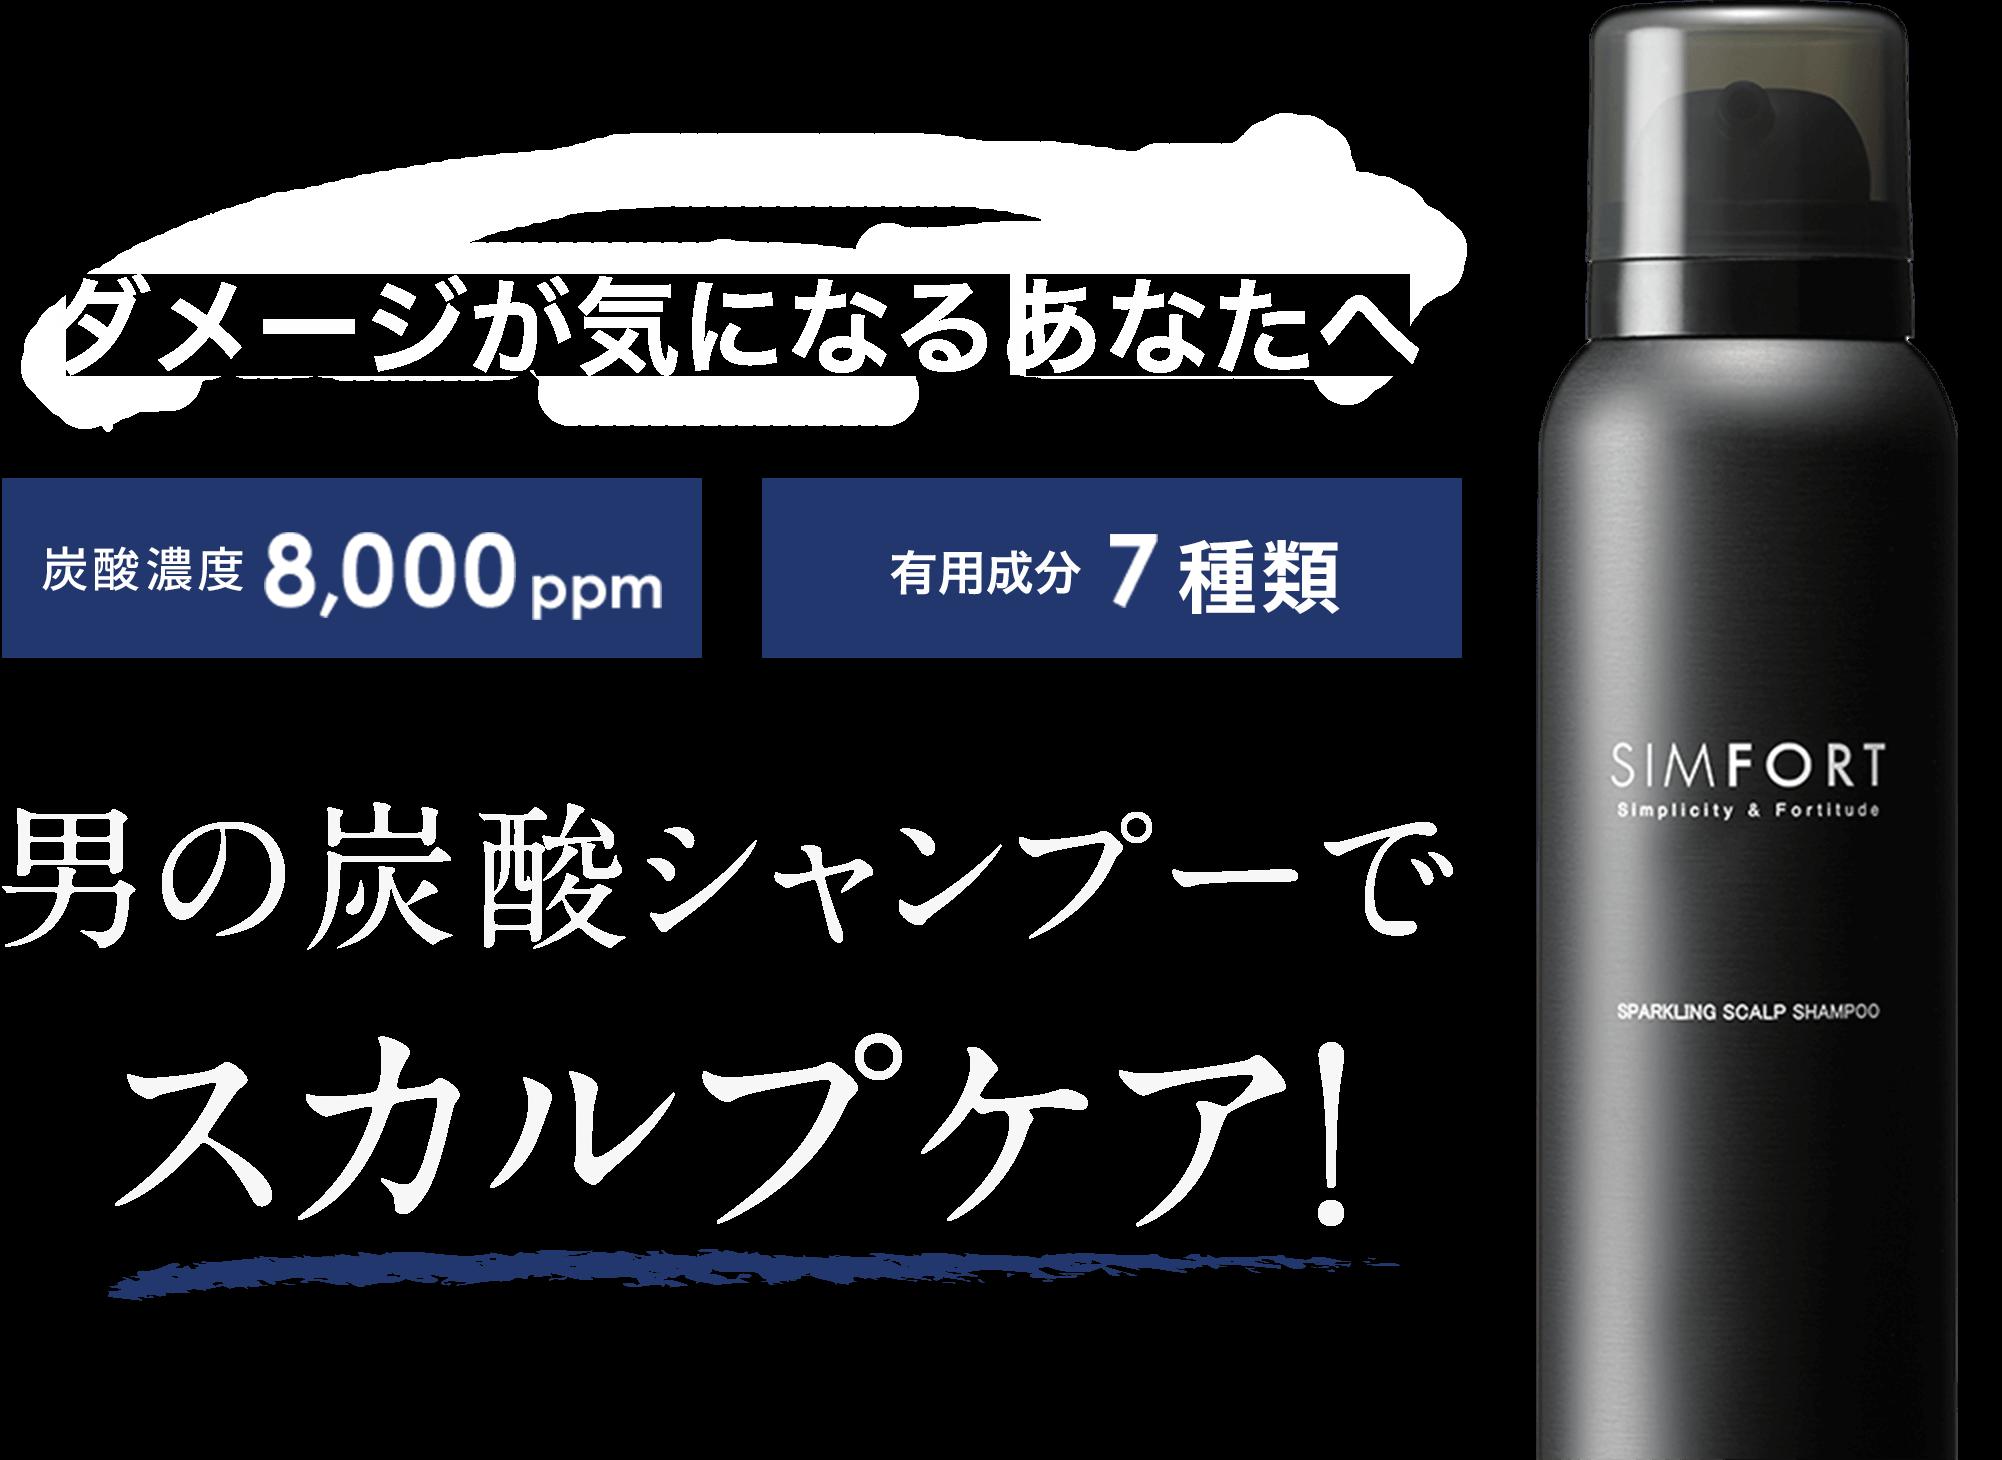 抜け毛が気になるあなたへ 炭酸濃度8,000ppm 有効成分7種類 男の炭酸シャンプーでスカルプケア!